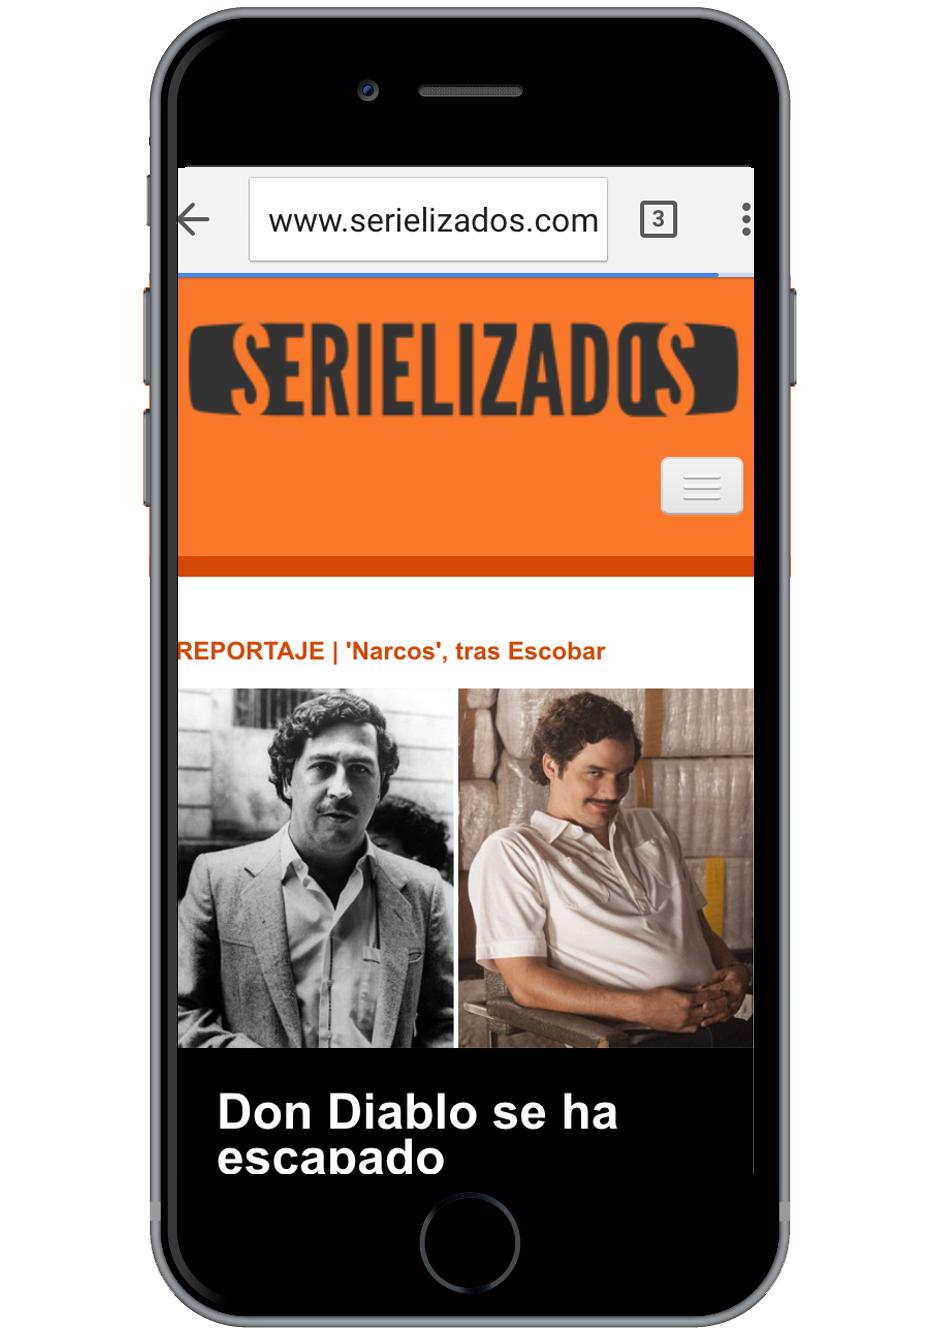 diseño web responsive de serielizados